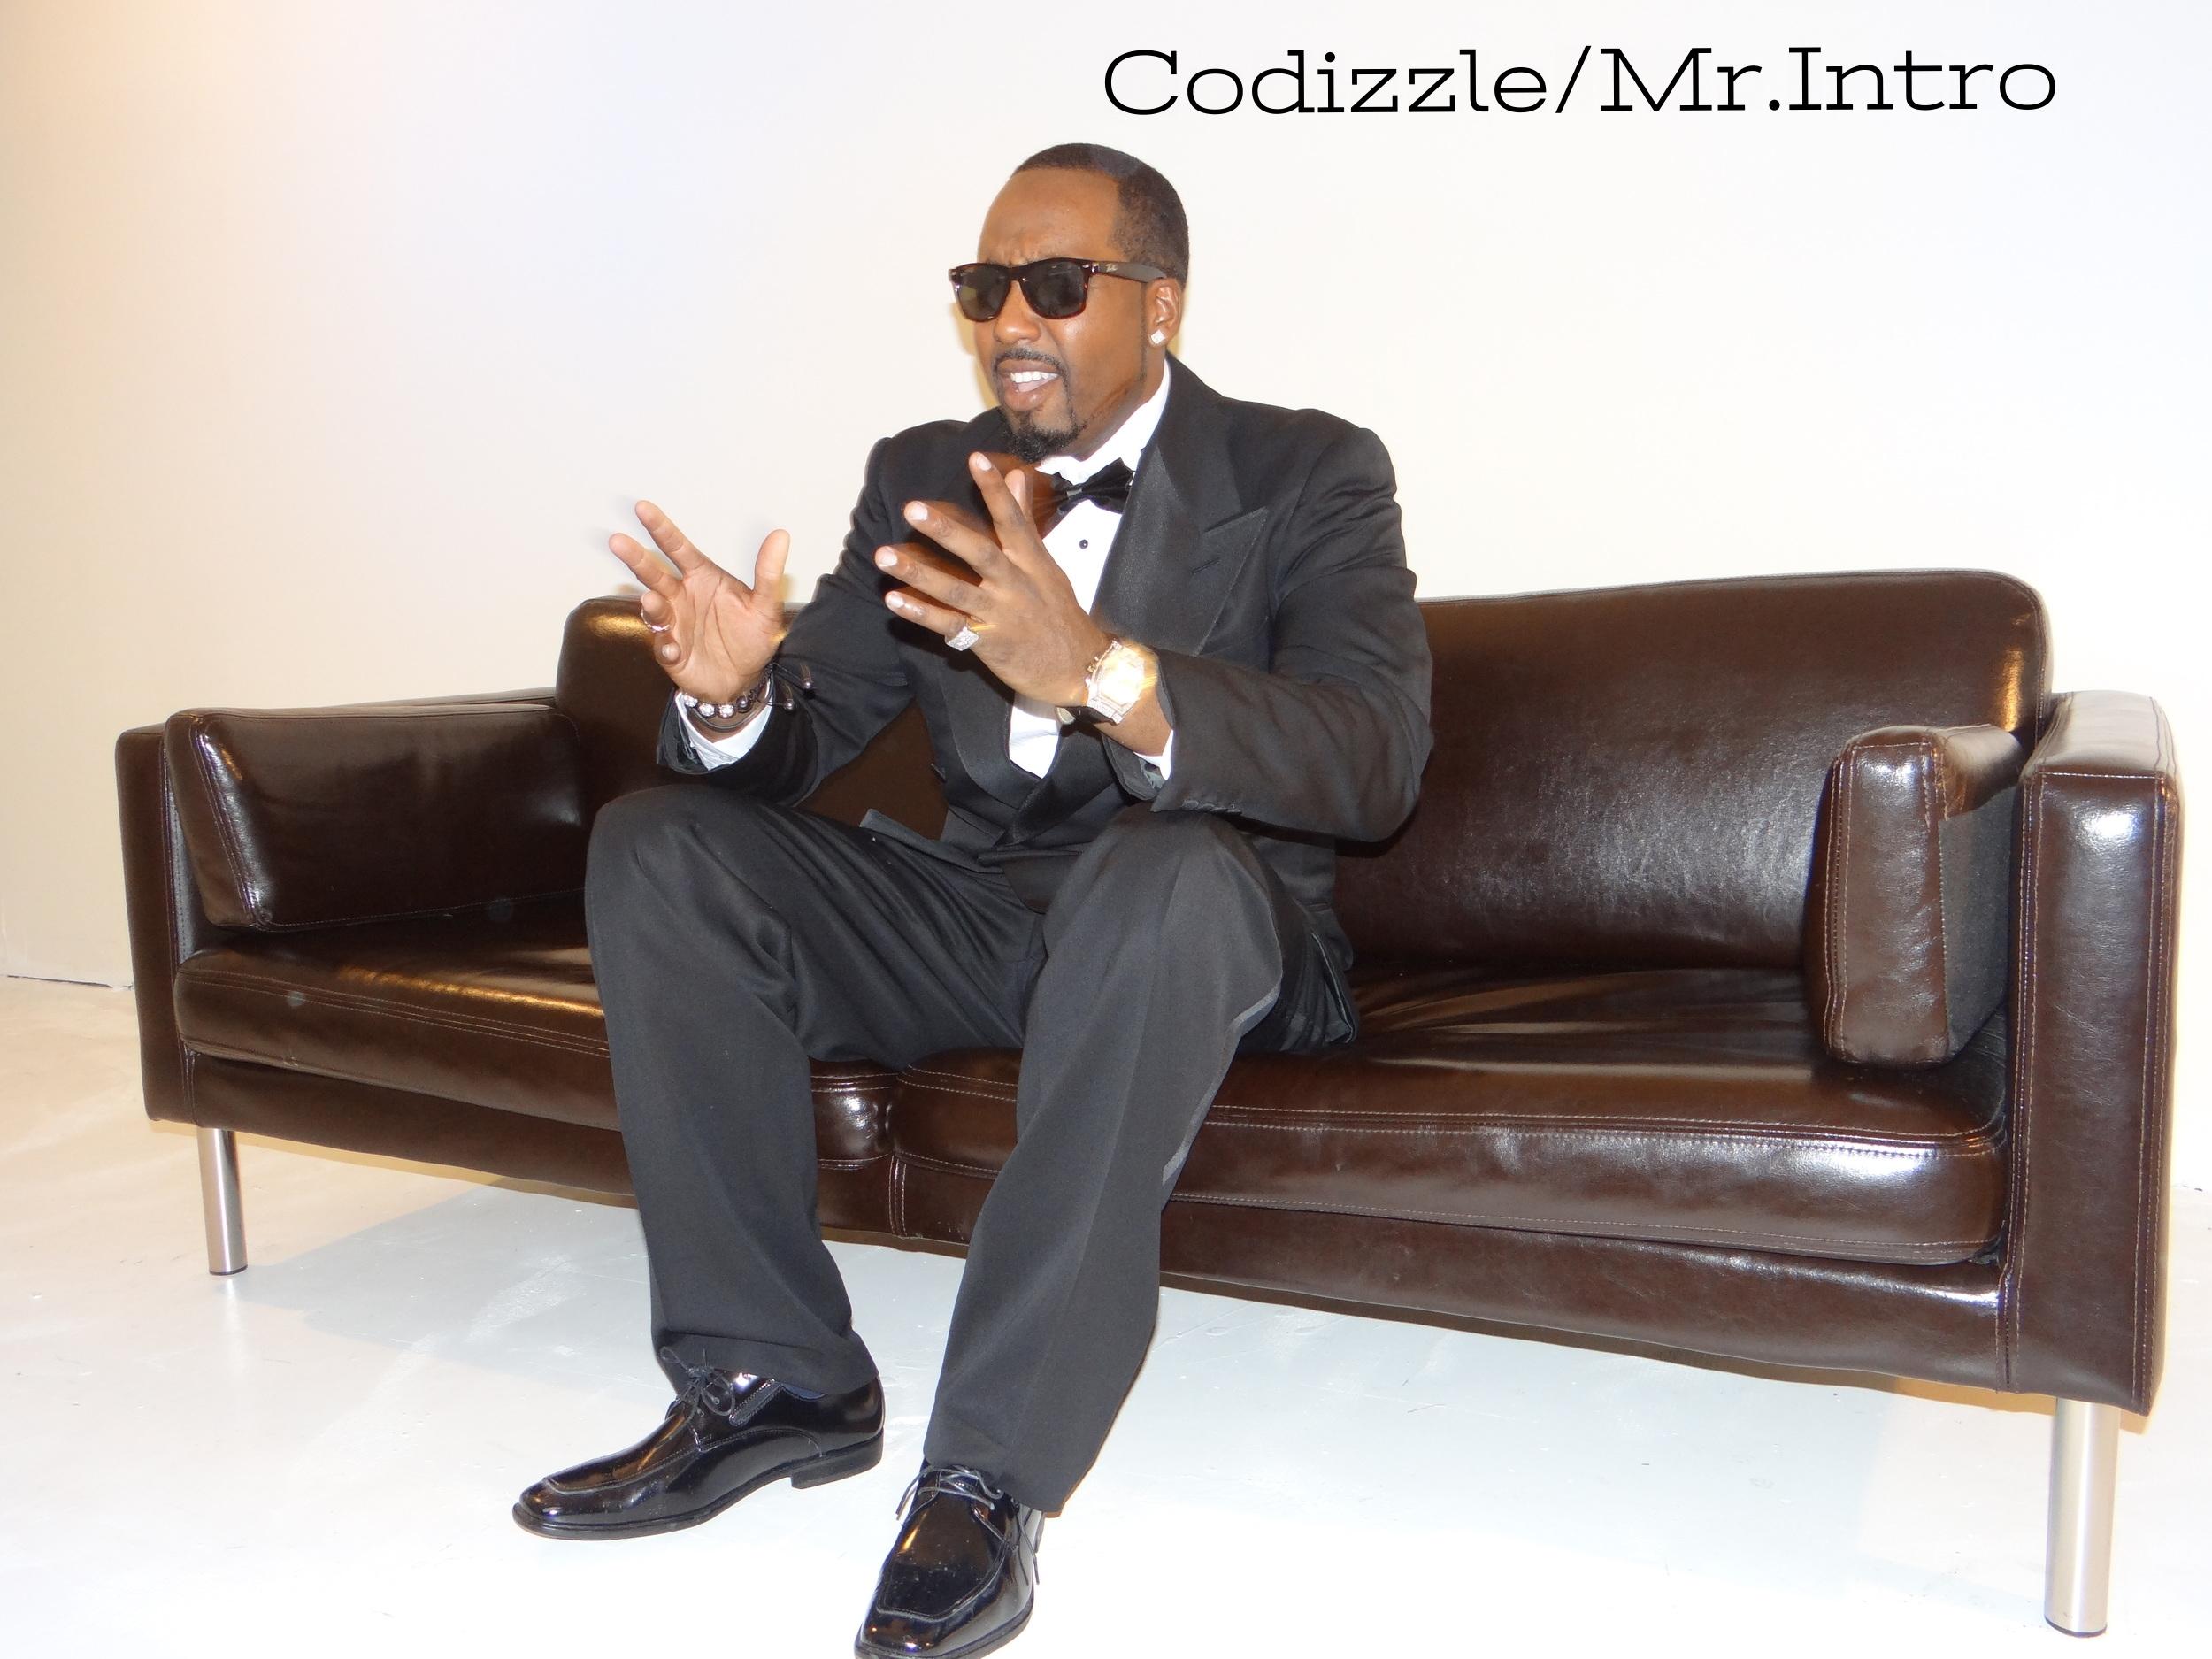 Codizzle/Mr. Intro